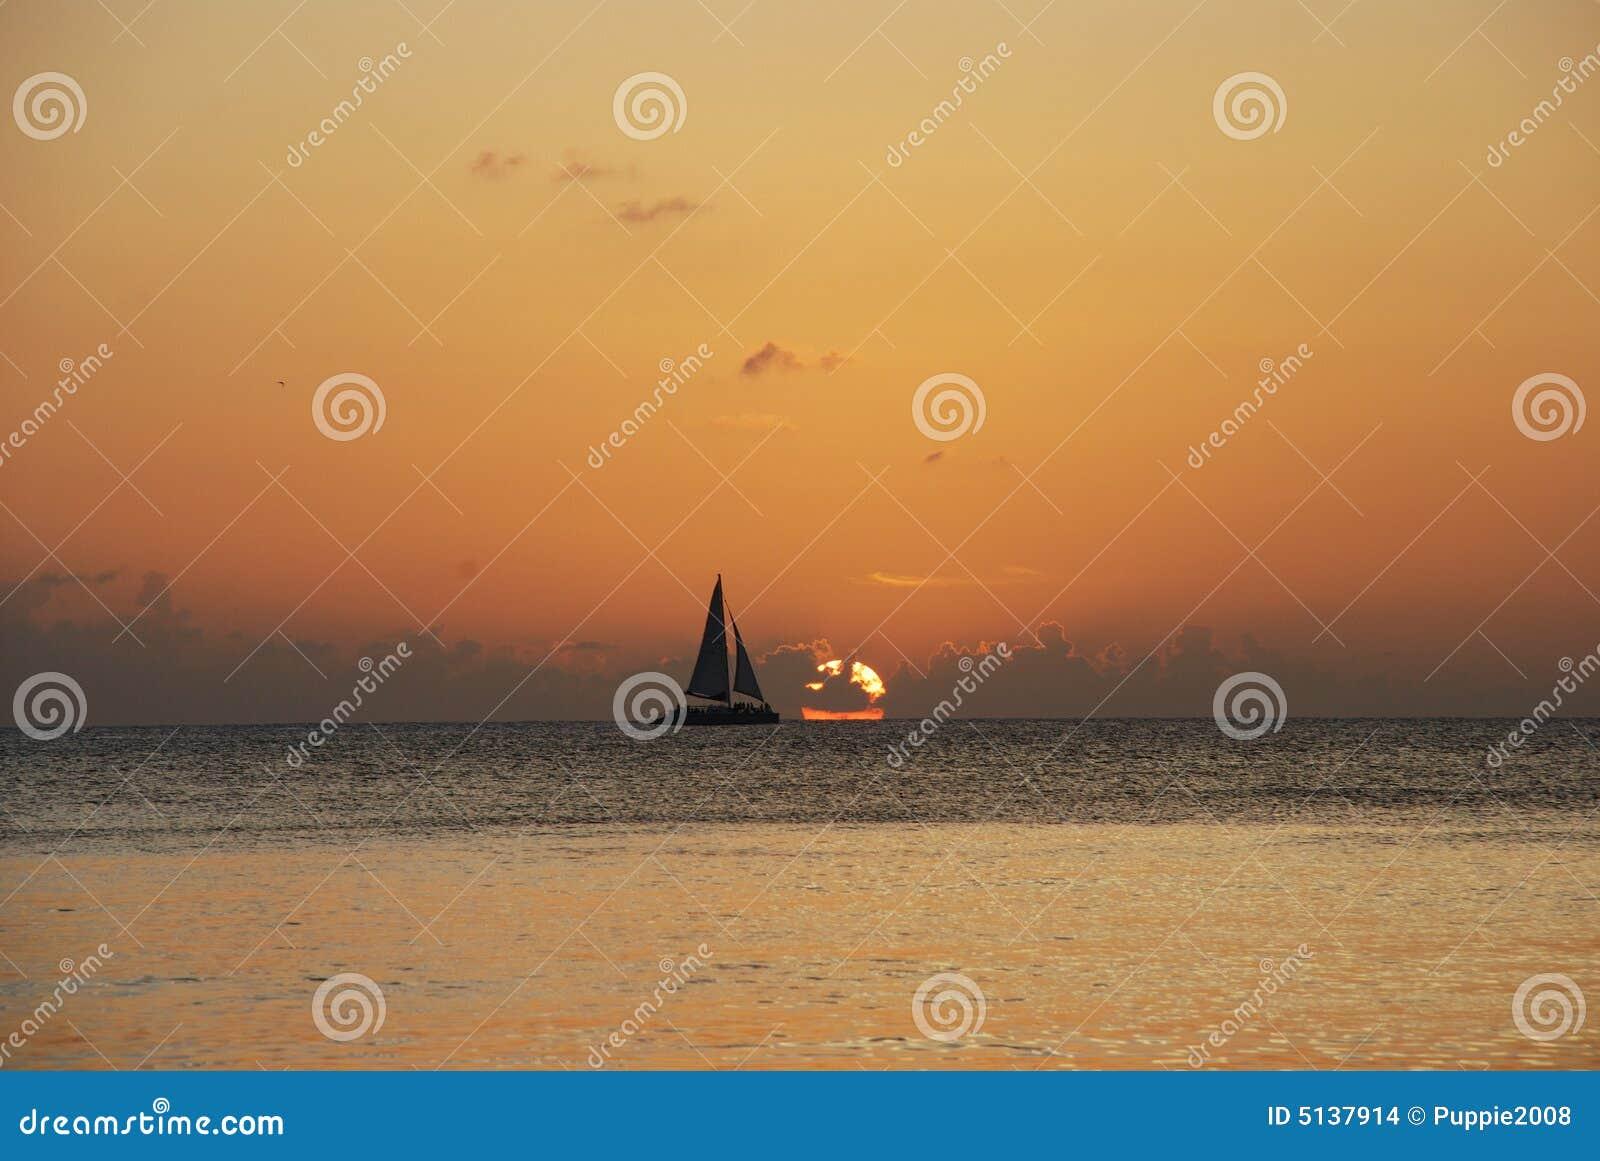 Zeilboot in zonsondergang - Kaaiman